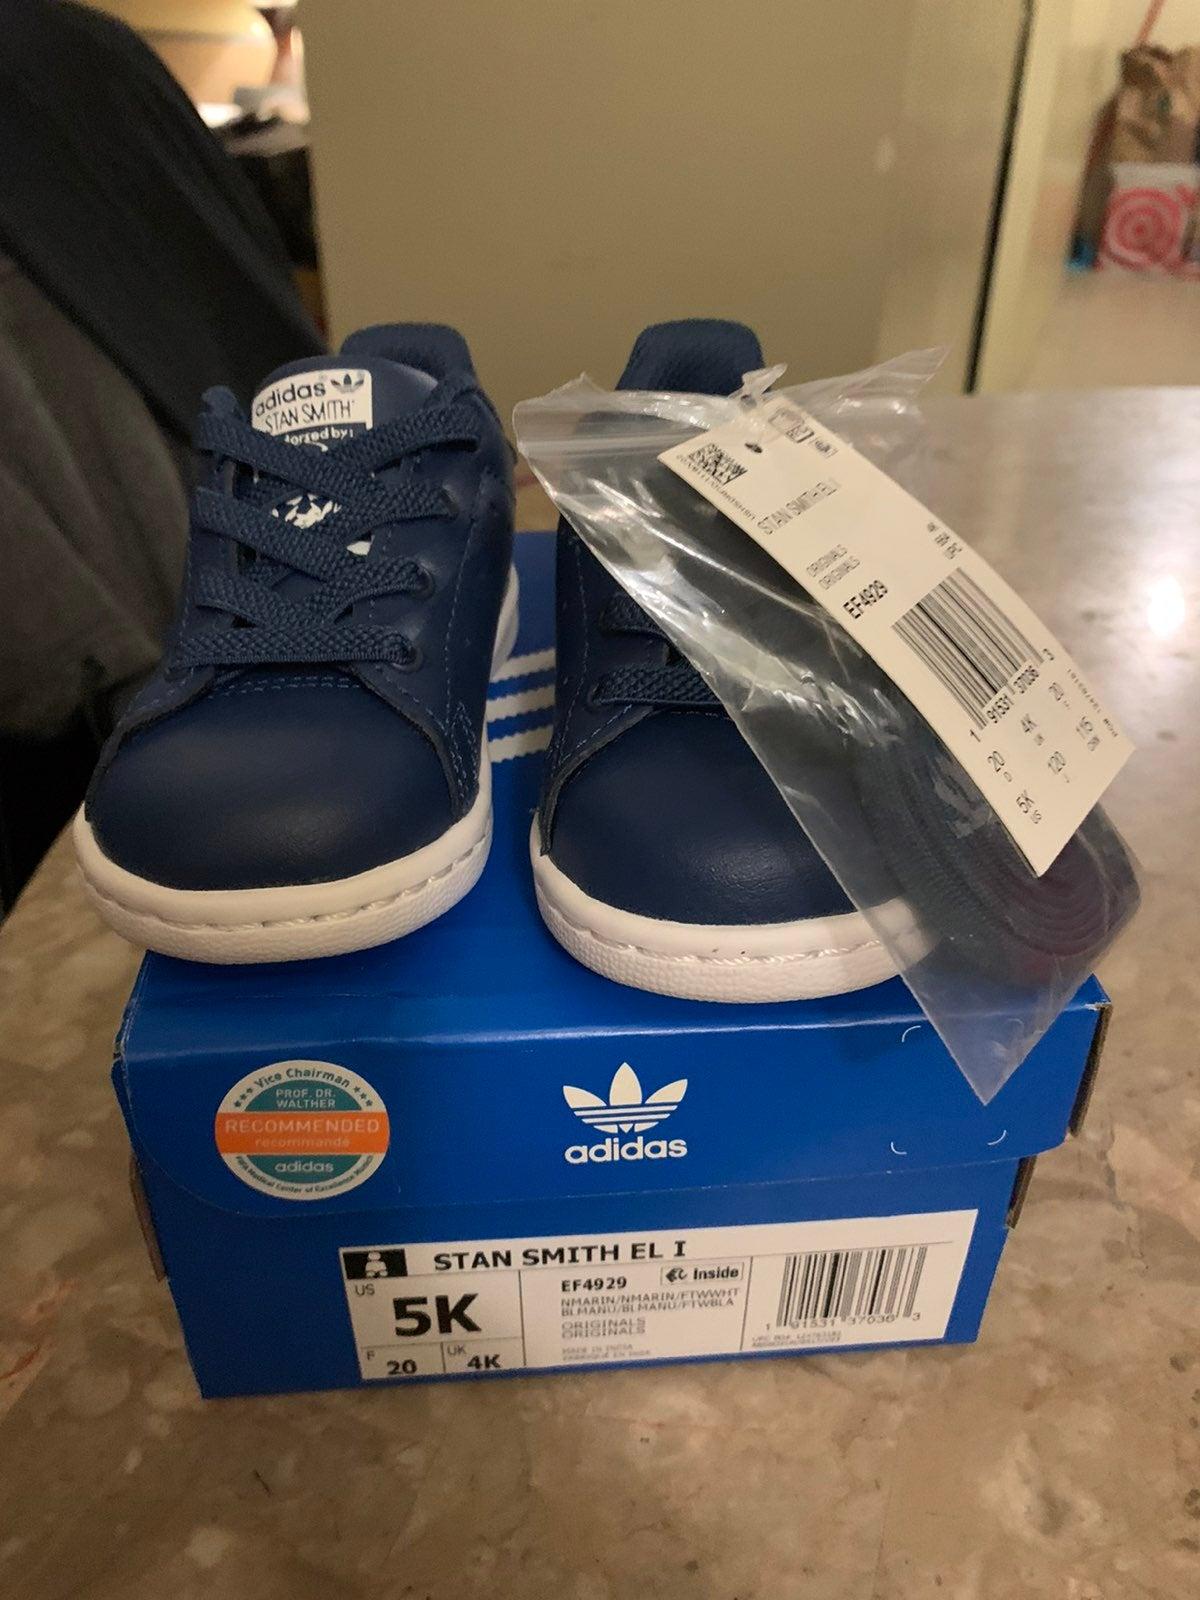 Adidas Stan Smith EL I (5K)